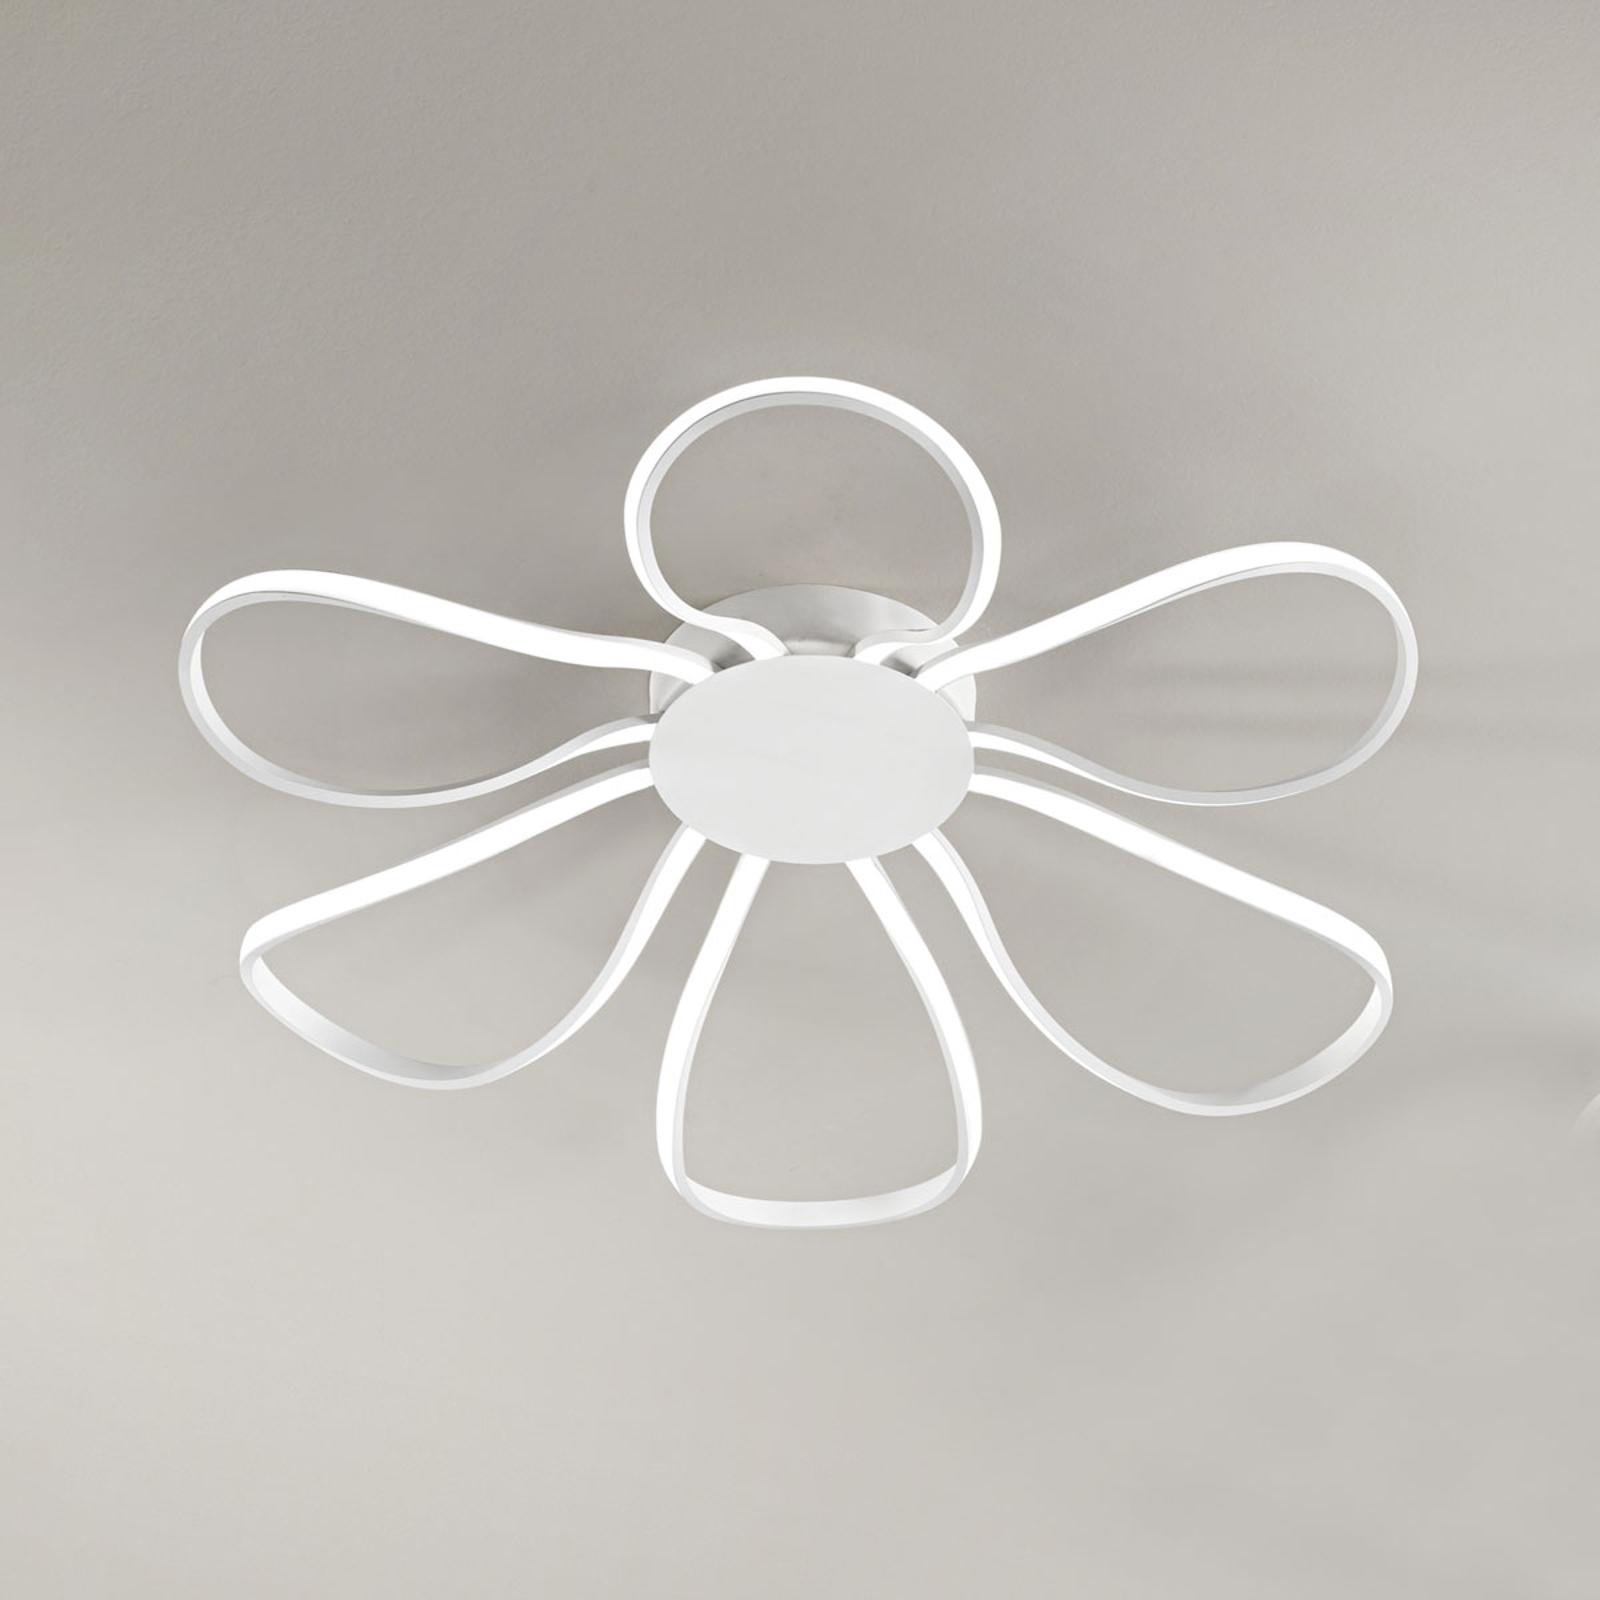 LED plafondlamp Blossom, Ø 81 cm